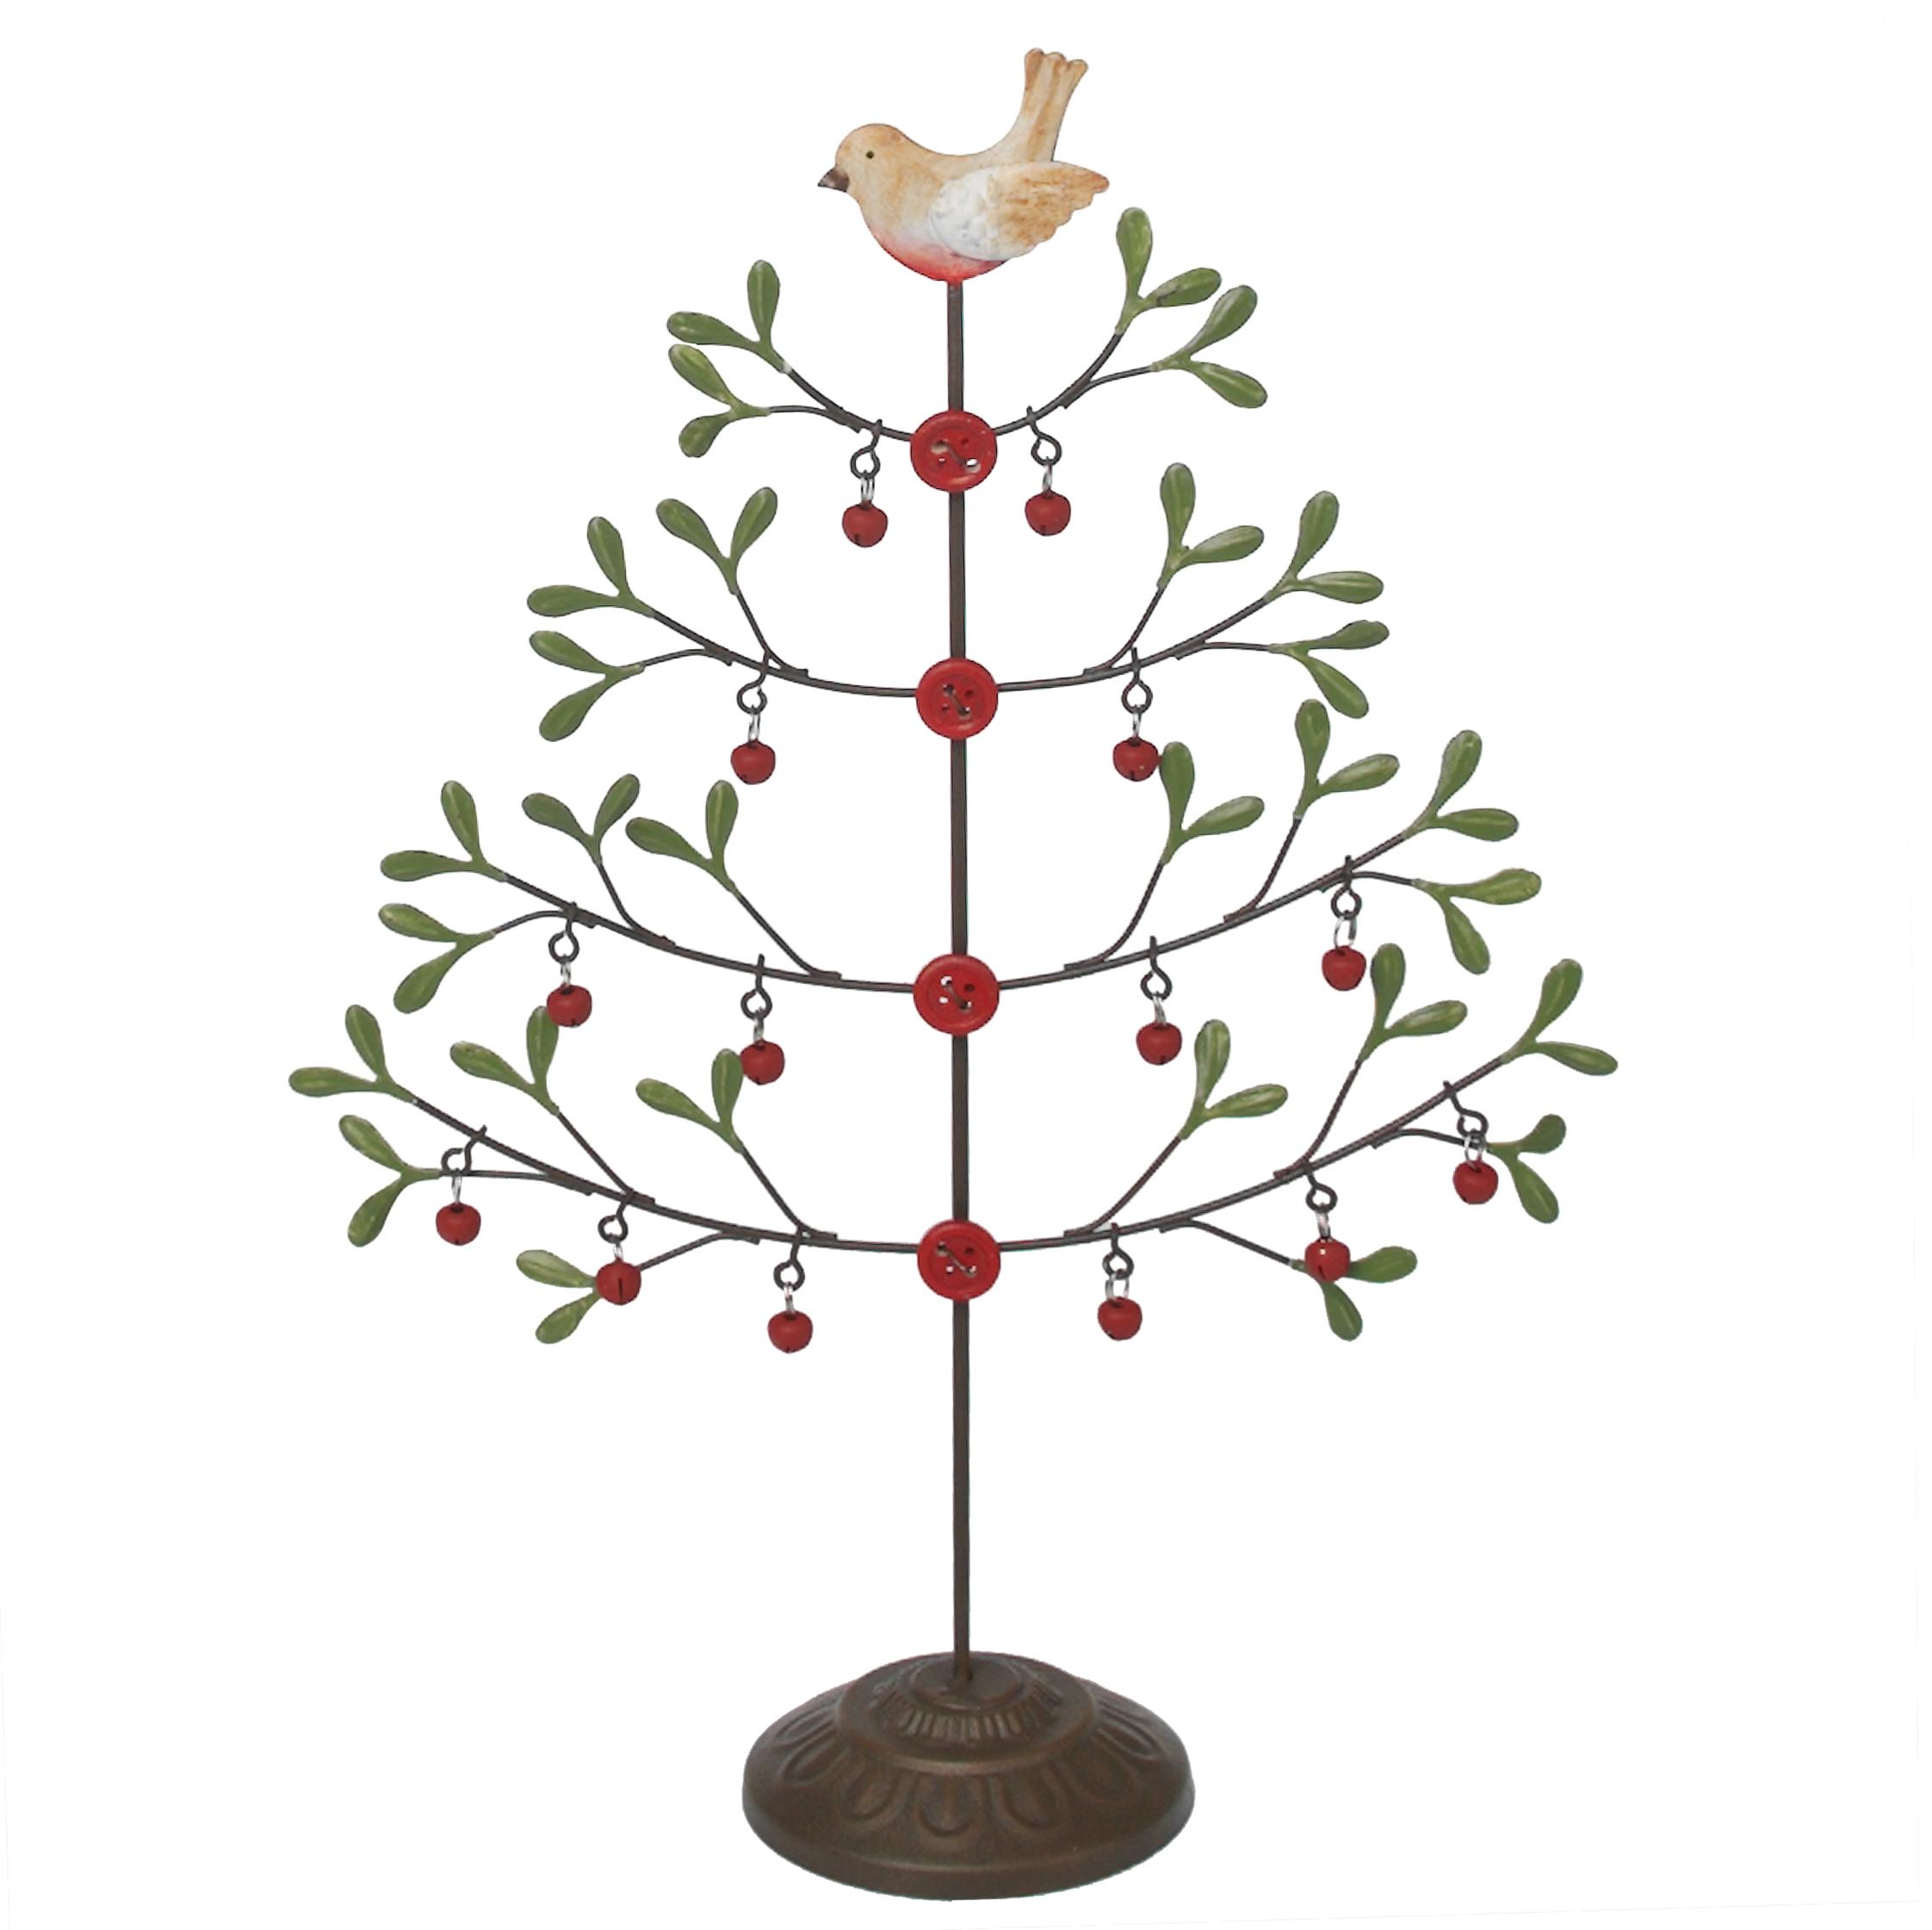 Mistletoe Christmas Tree With Robin; Mistletoe Christmas Tree With Robin